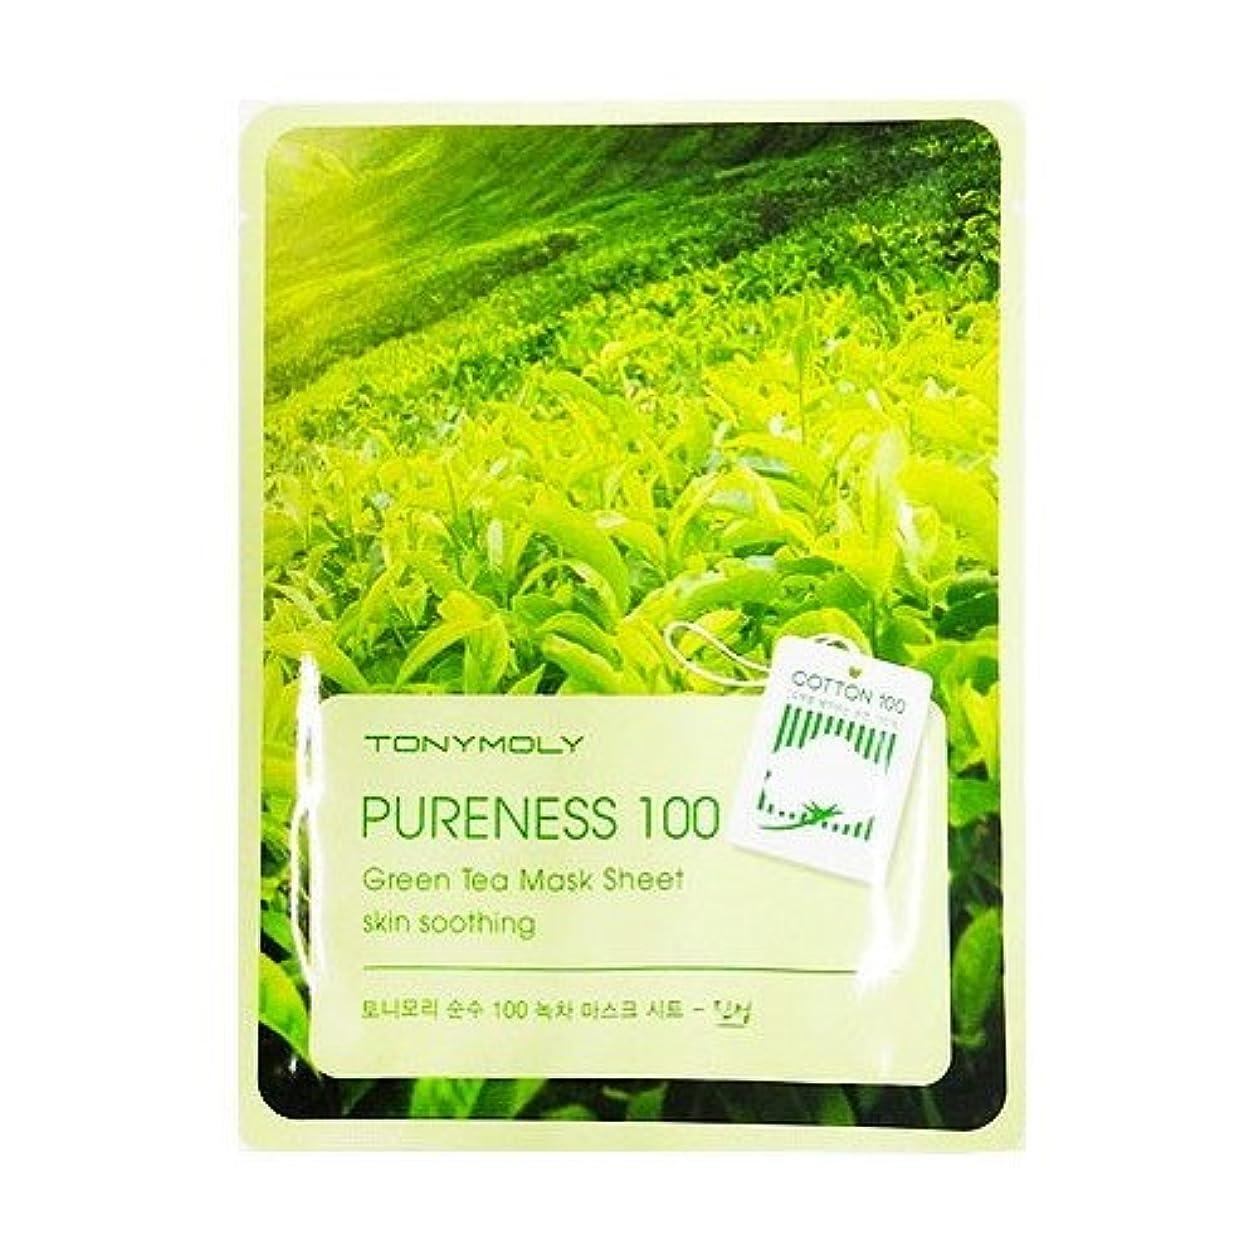 ロッジ債務者温度(3 Pack) TONYMOLY Pureness 100 Green Tea Mask Sheet Skin Soothing (並行輸入品)